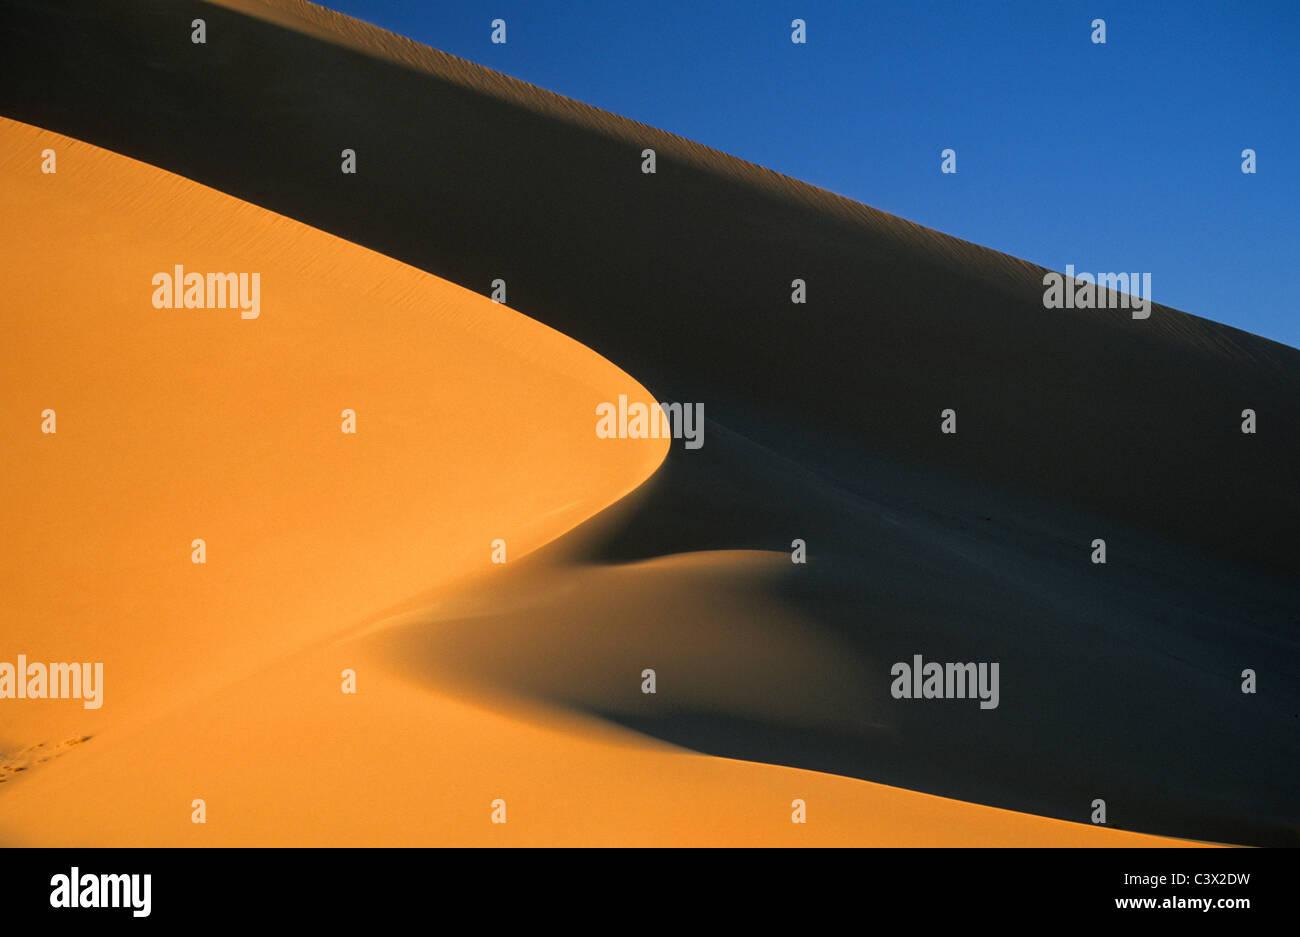 Argelia, Djanet, Sahara postre, dunas de arena. Imagen De Stock